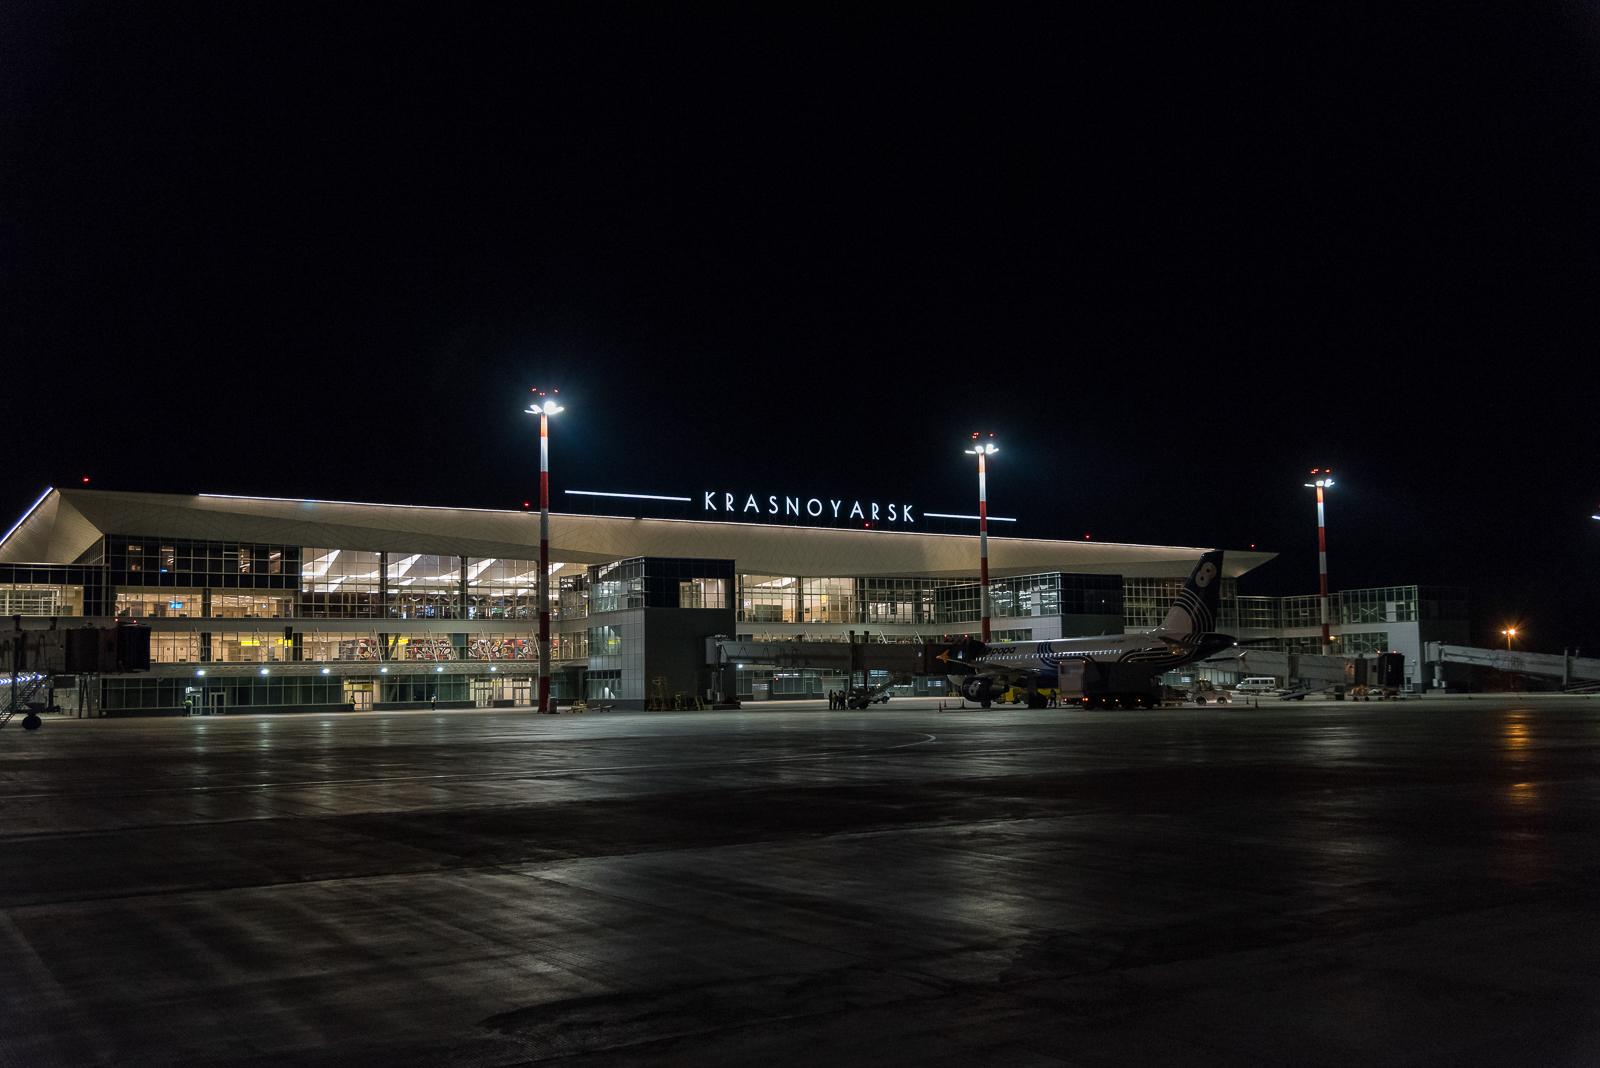 Международный аэропорт Красноярск (Емельяново), Красноярск